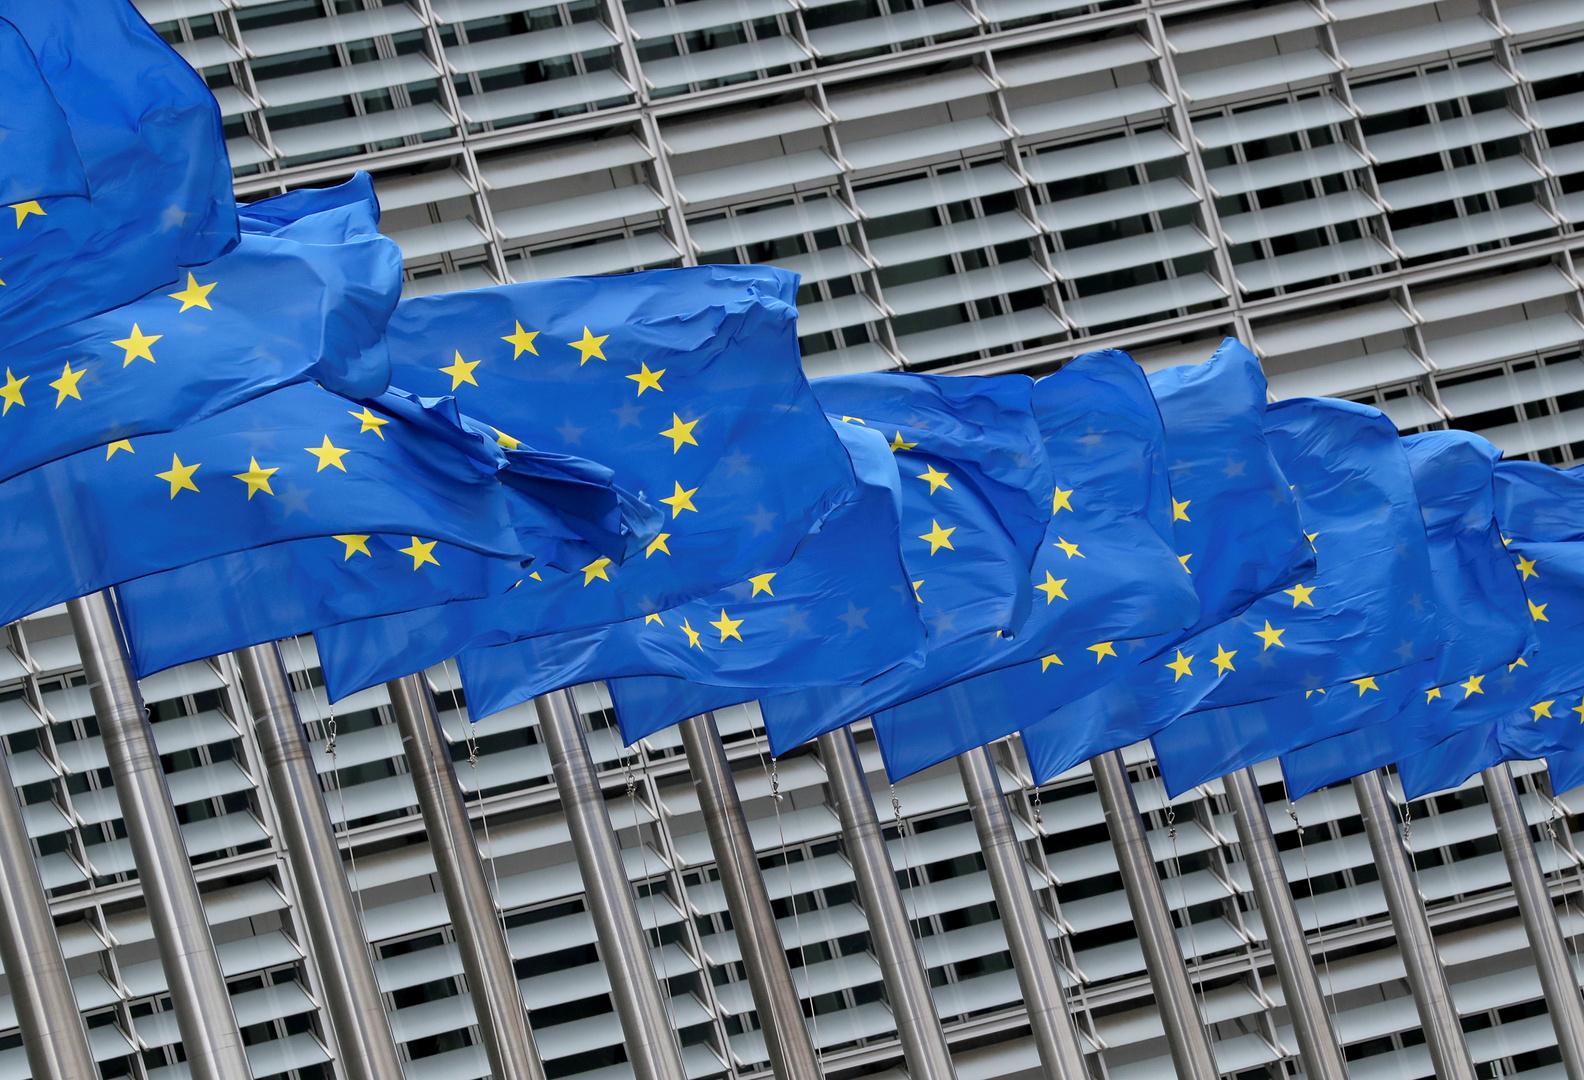 الاتحاد الأوروبي يطالب الصين بتصحيح العلاقات التجارية